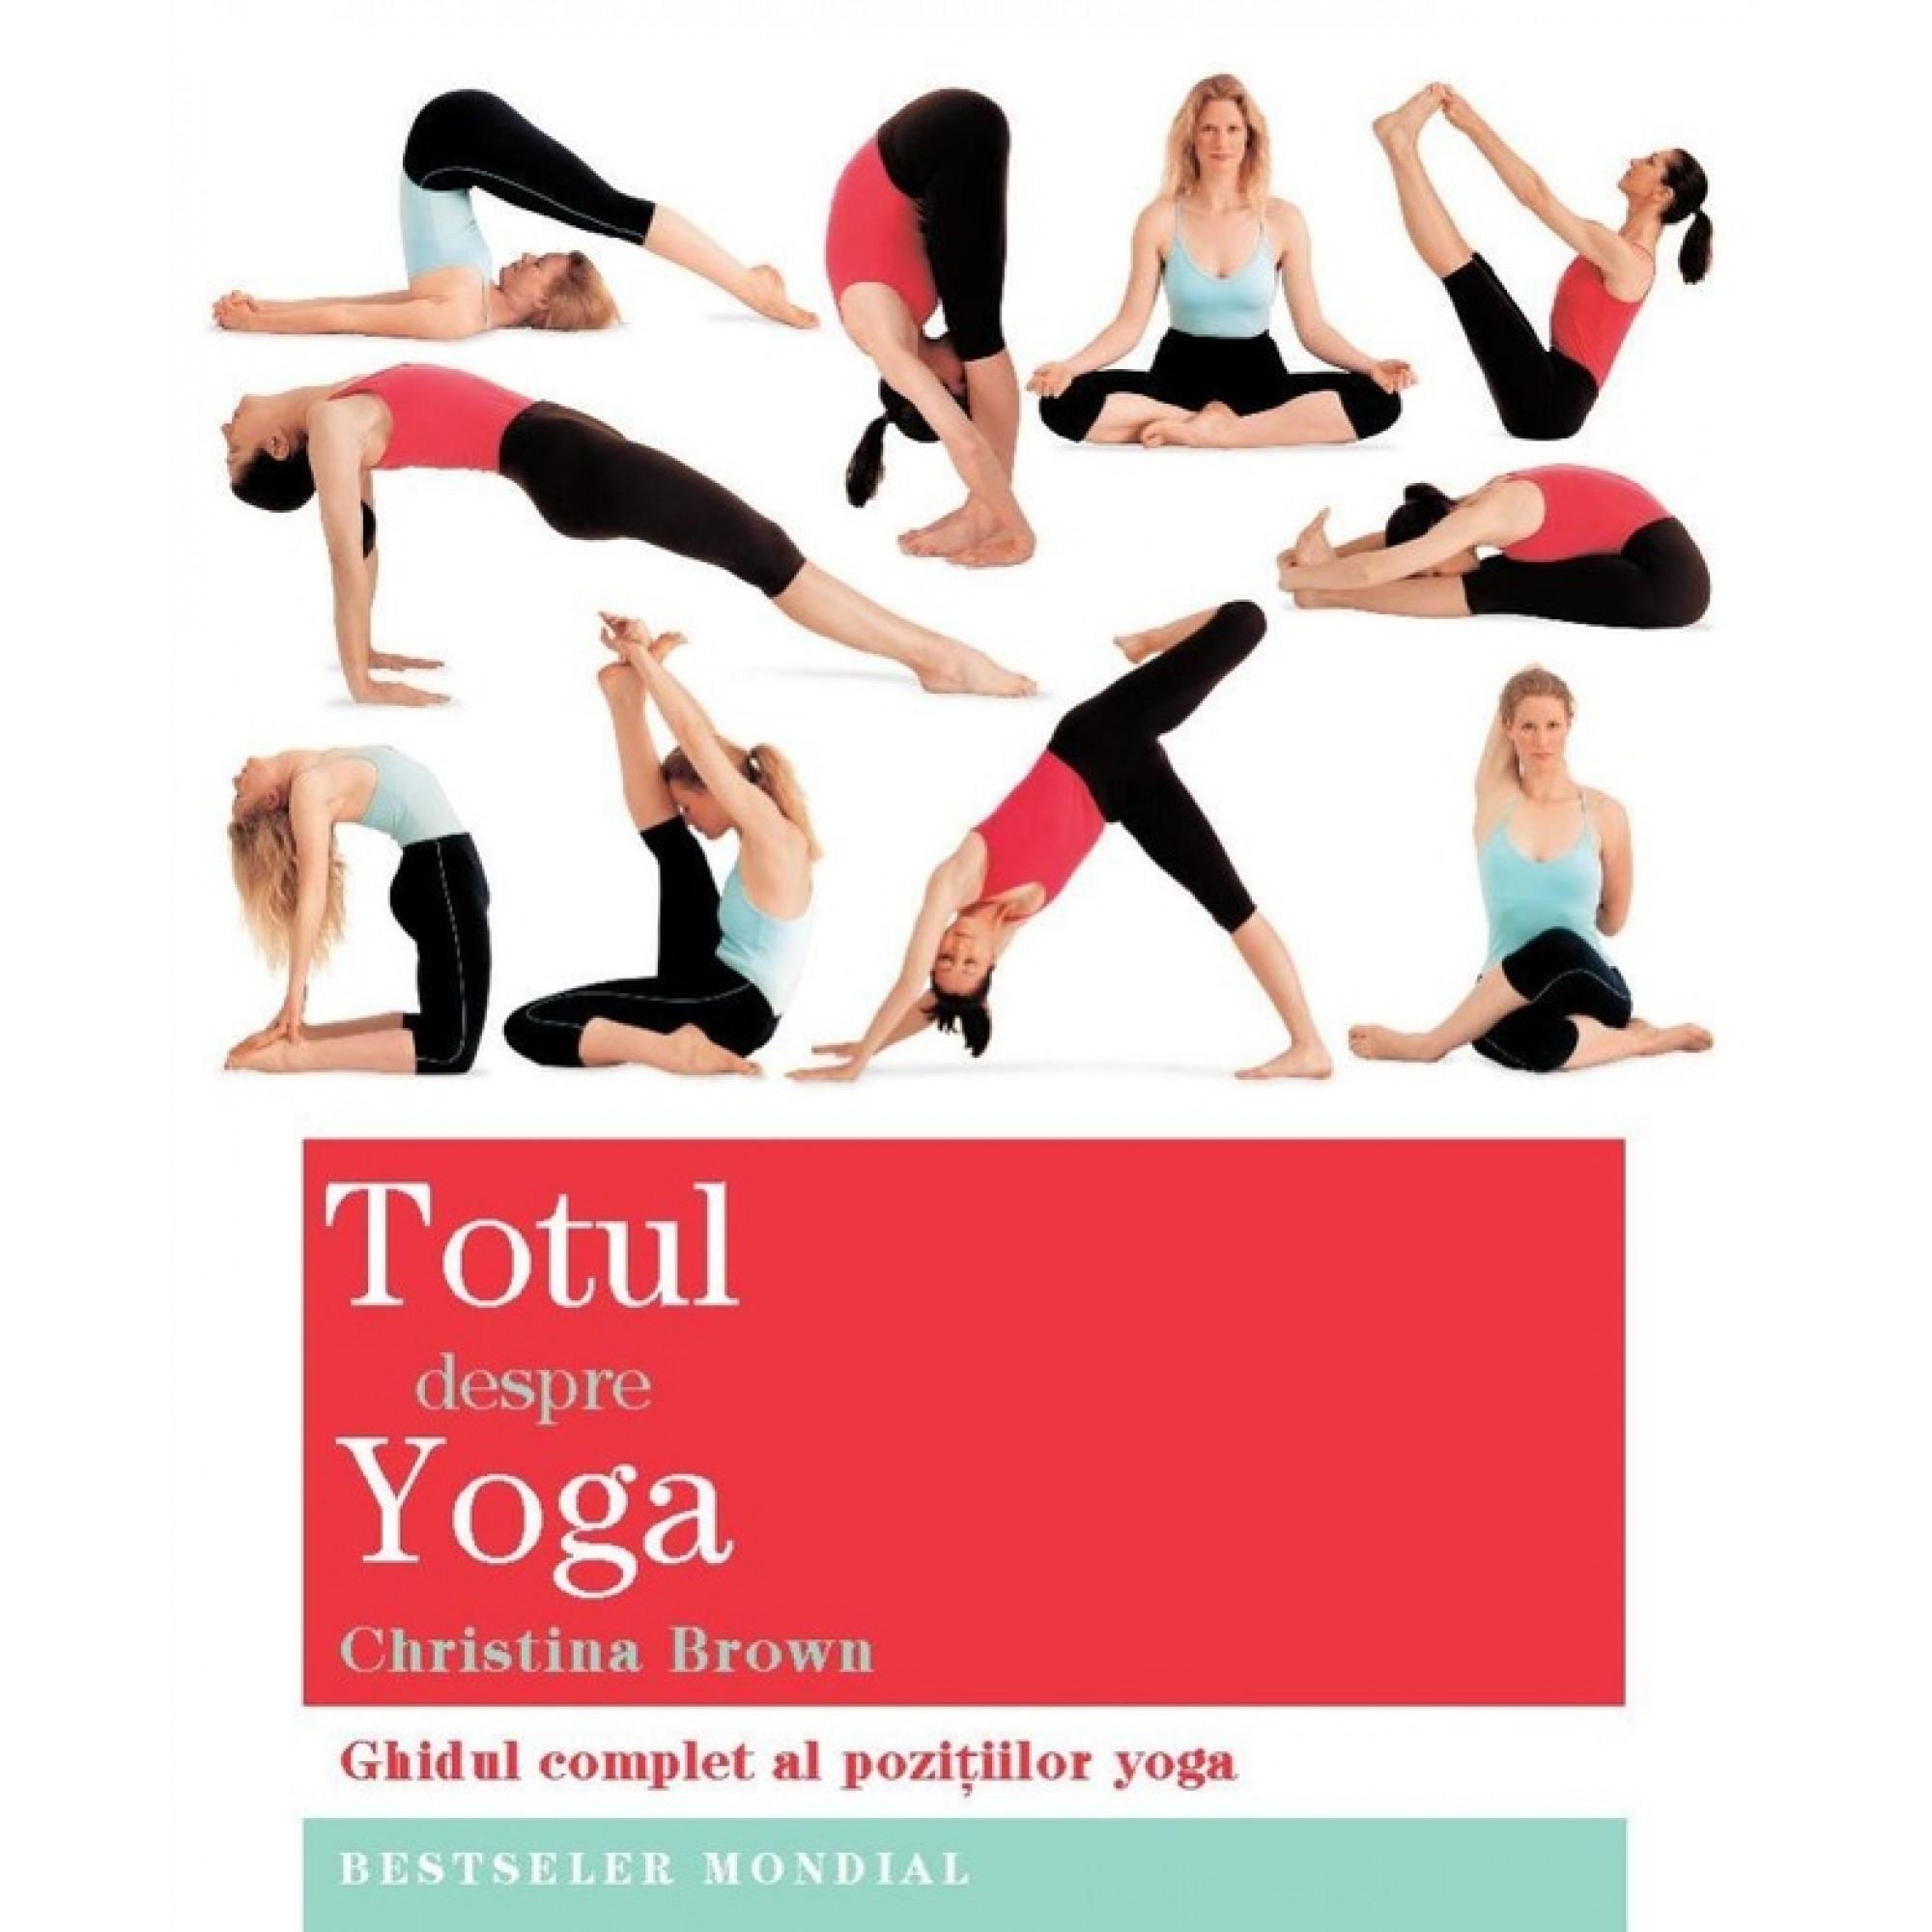 Totul despre yoga